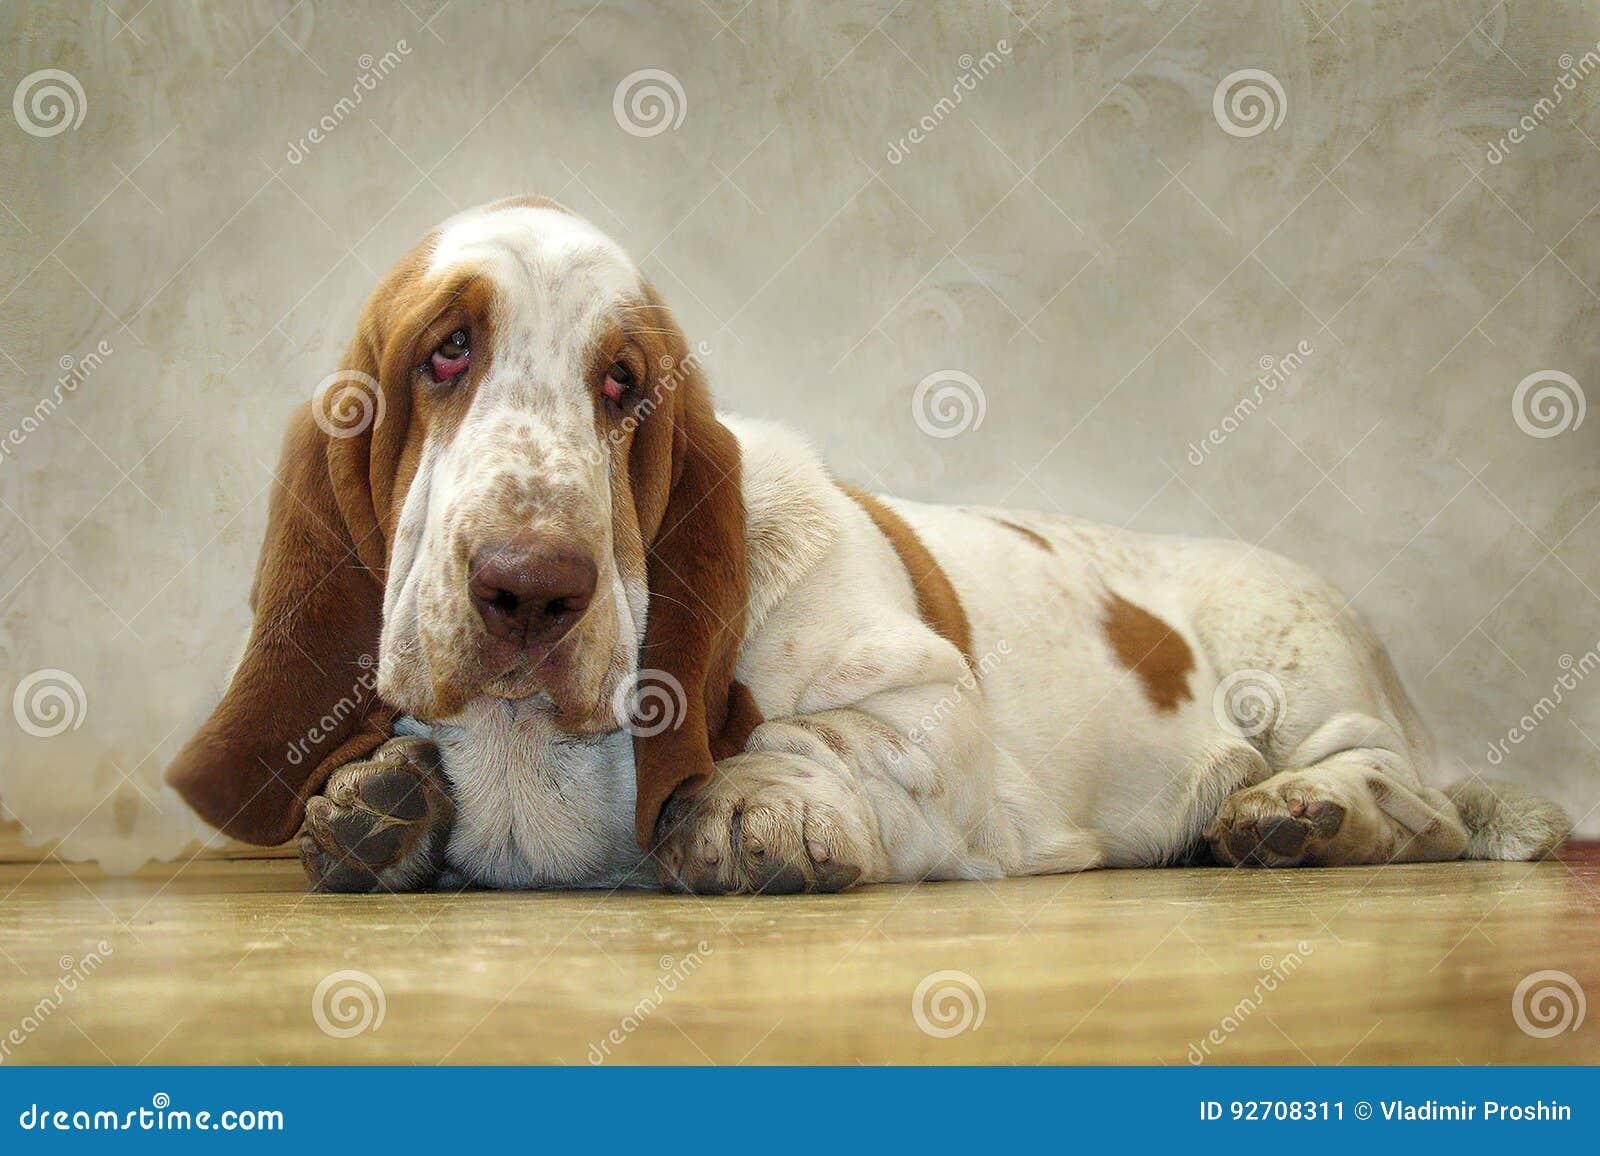 Dog Basset Hound looks sad eyes